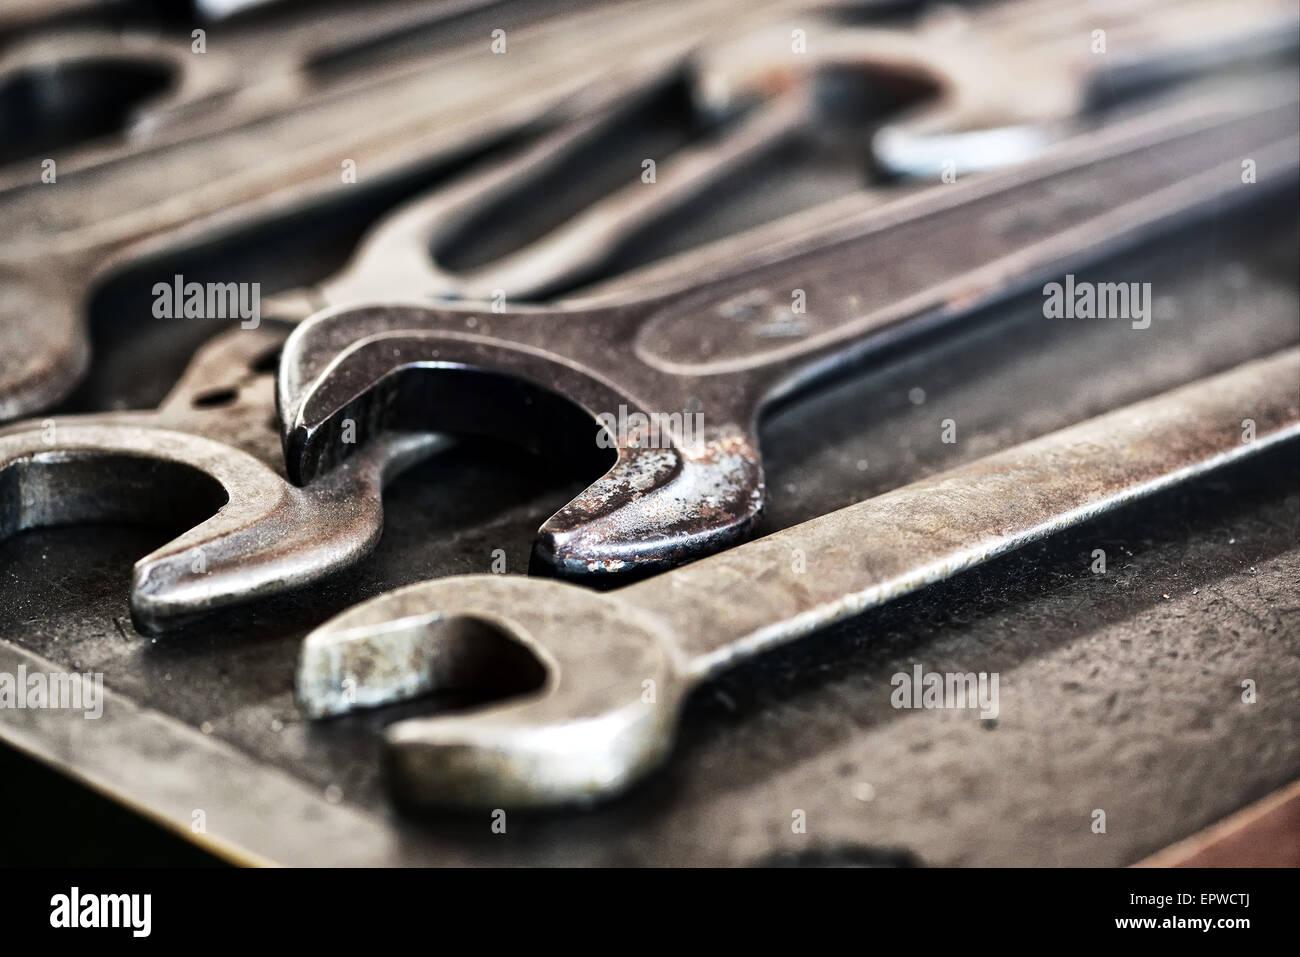 Raccolta di usato vecchi e sporchi metallo grunge chiavi e chiavi giacente su un banco di lavoro in un laboratorio Immagini Stock